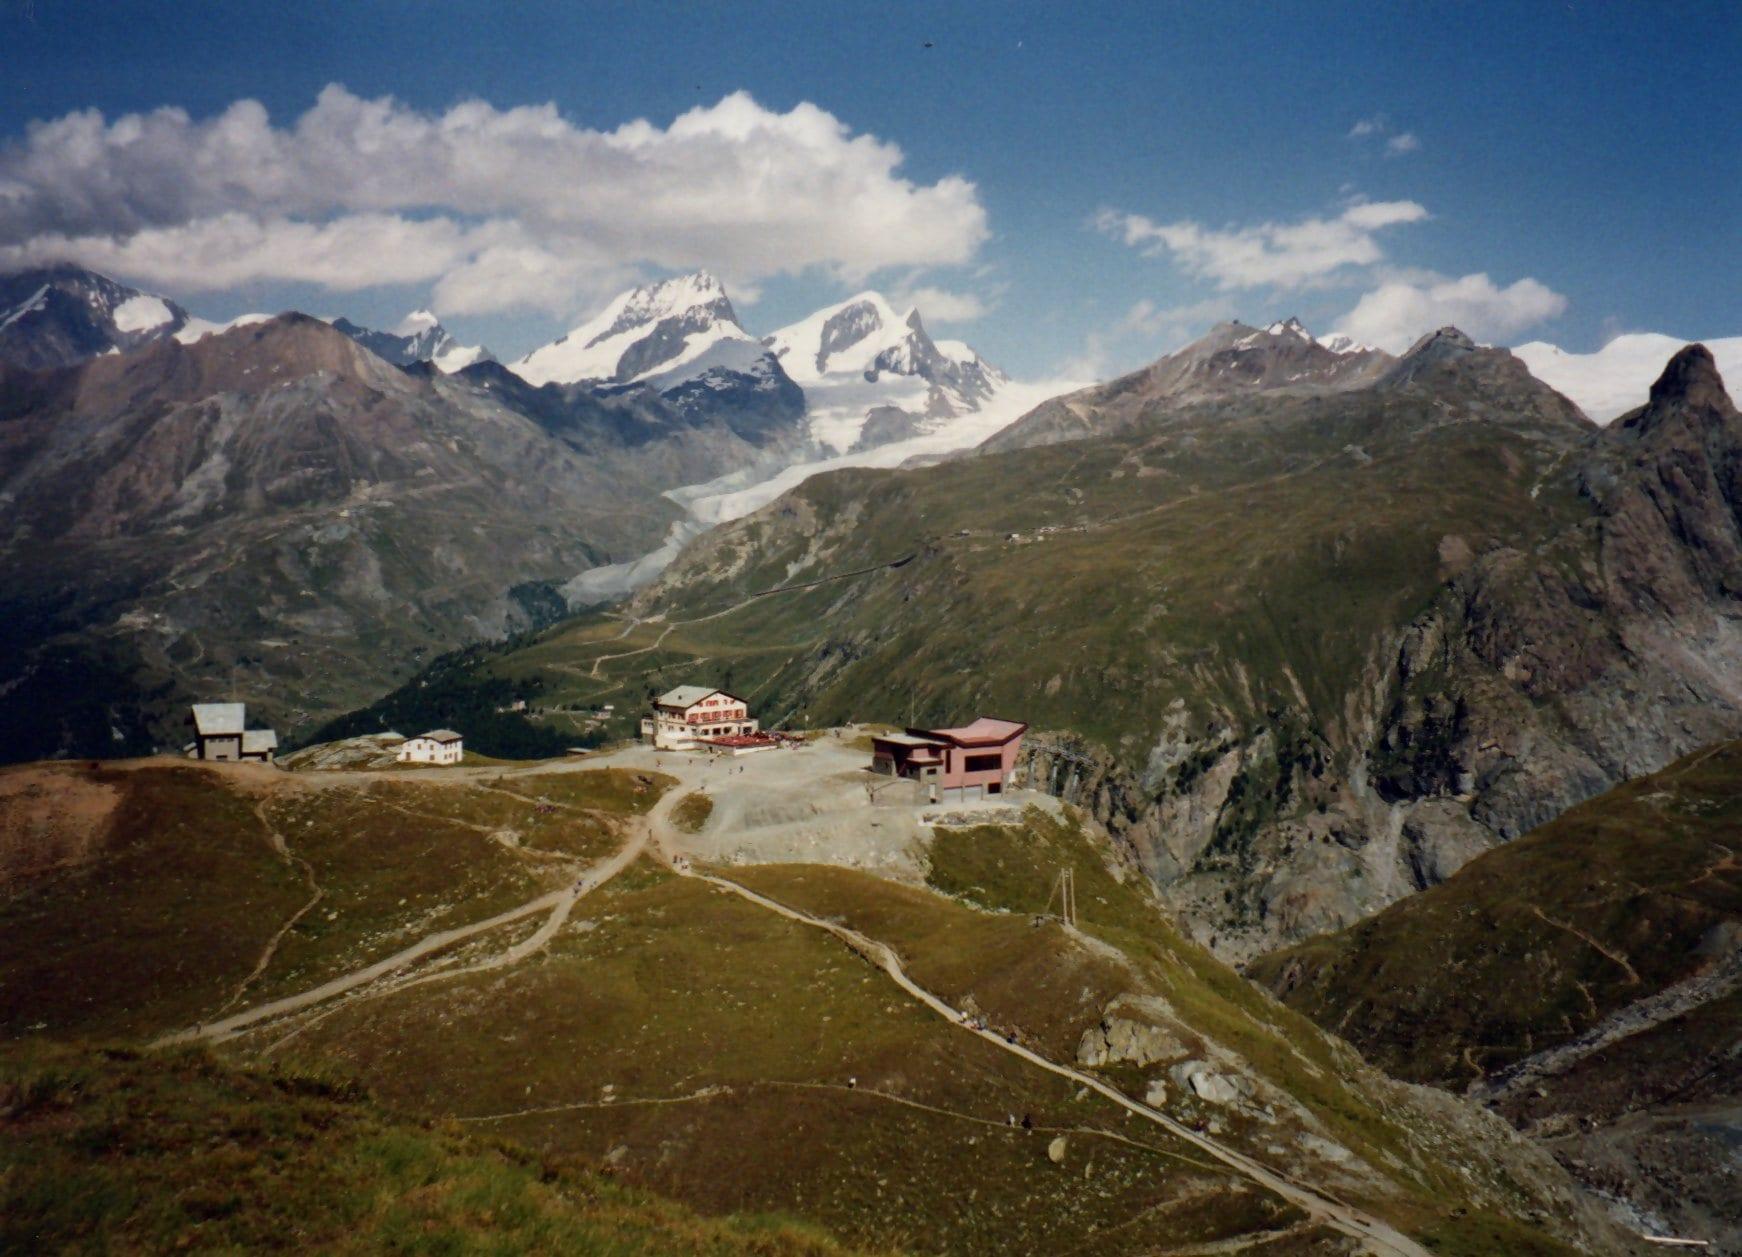 Hornli Hut